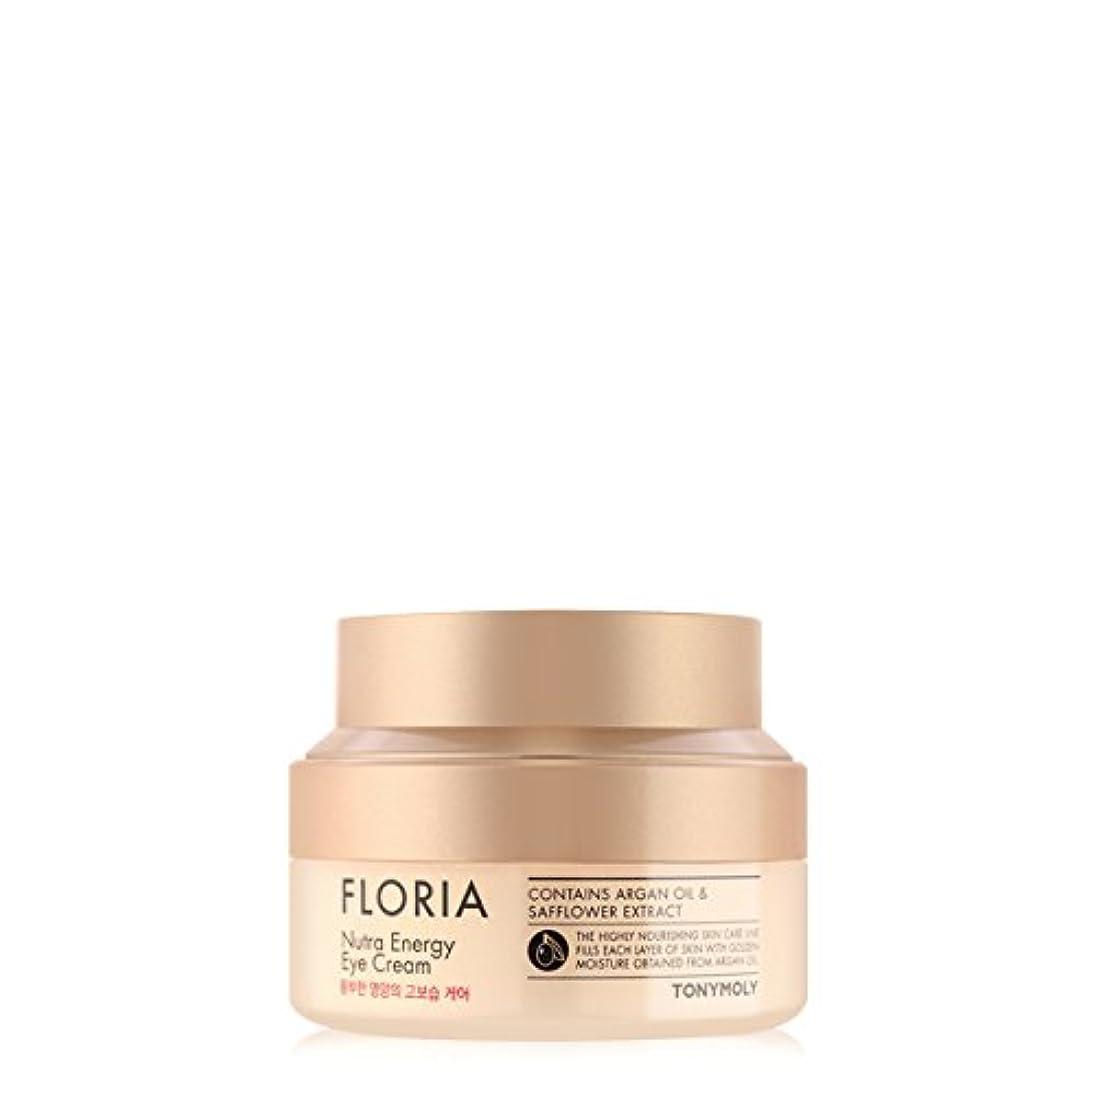 不正プロフィール課す[2016 New] TONYMOLY Floria Nutra Energy Eye Cream 30ml/トニーモリー フロリア ニュートラ エナジー アイクリーム 30ml